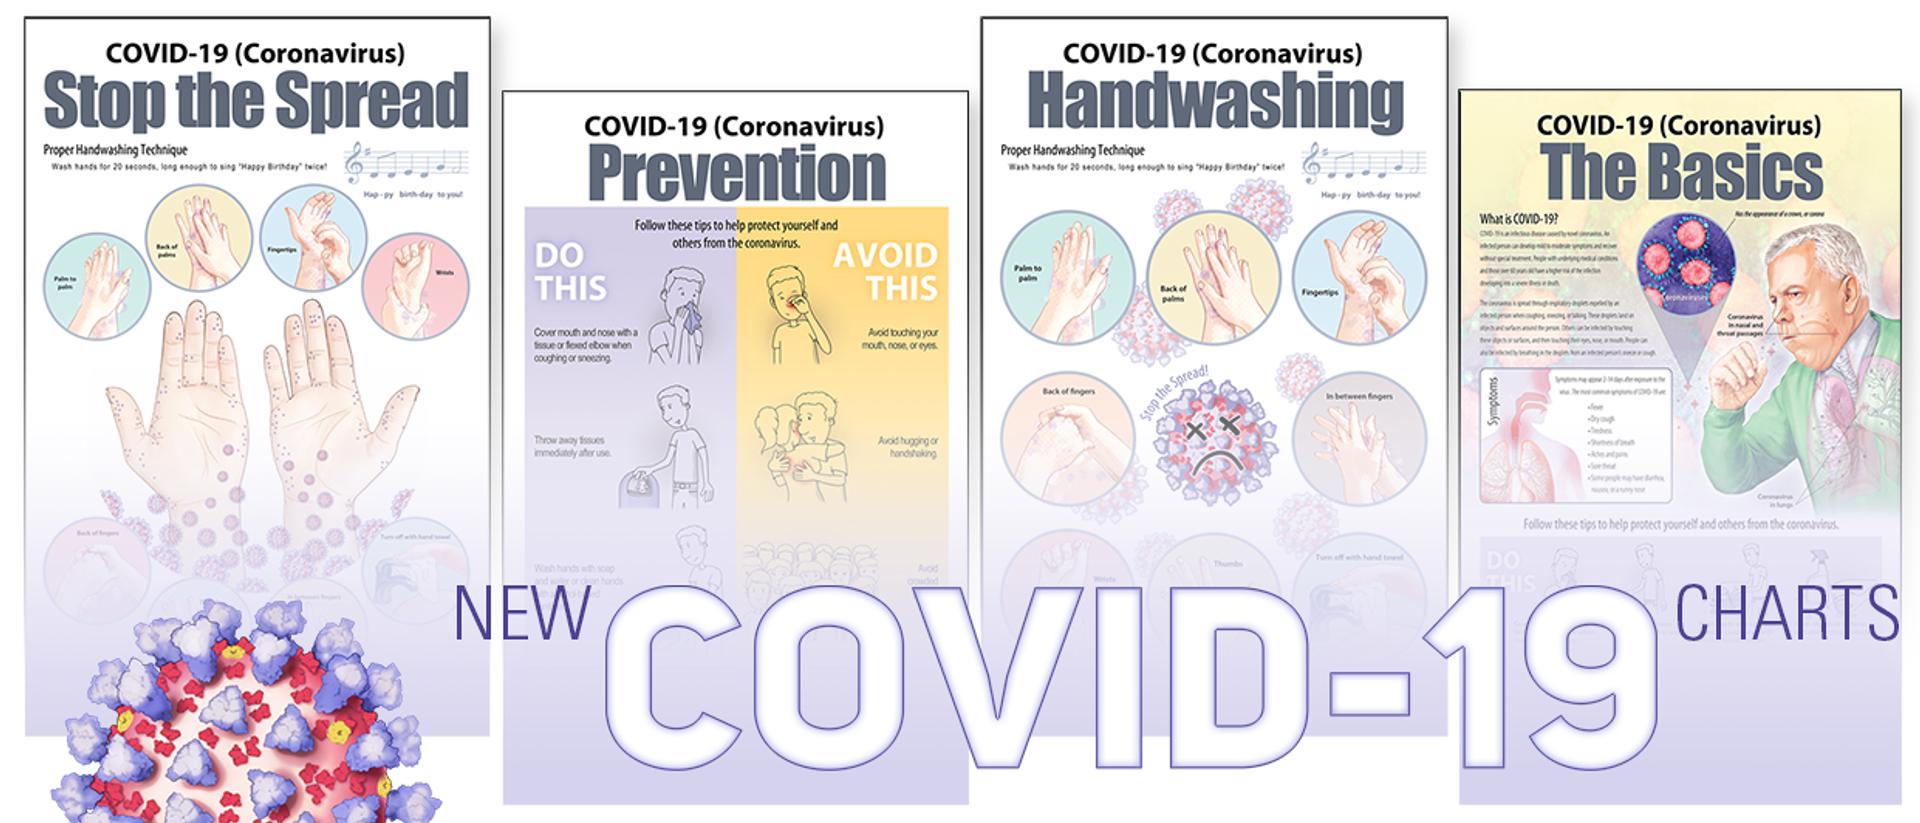 Corona virus chart May 2020